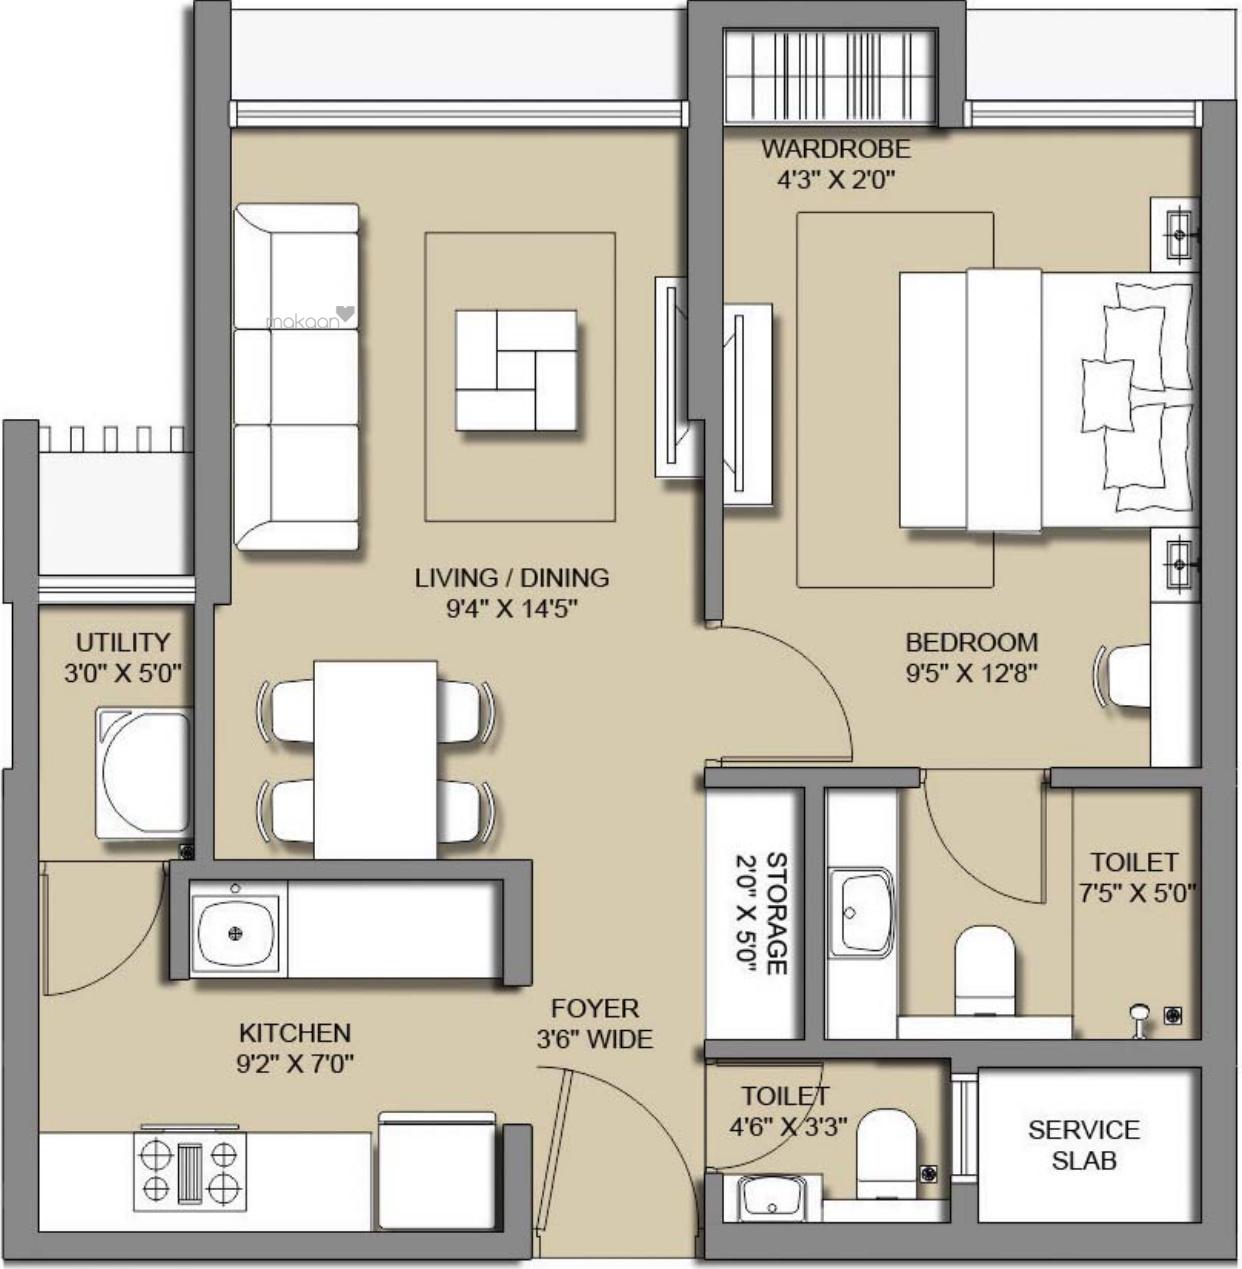 sq ft 4BHK 4BHK+4T (868.00 sq ft) Property By Proptiger In Melange Residences Phase I, Hinjewadi